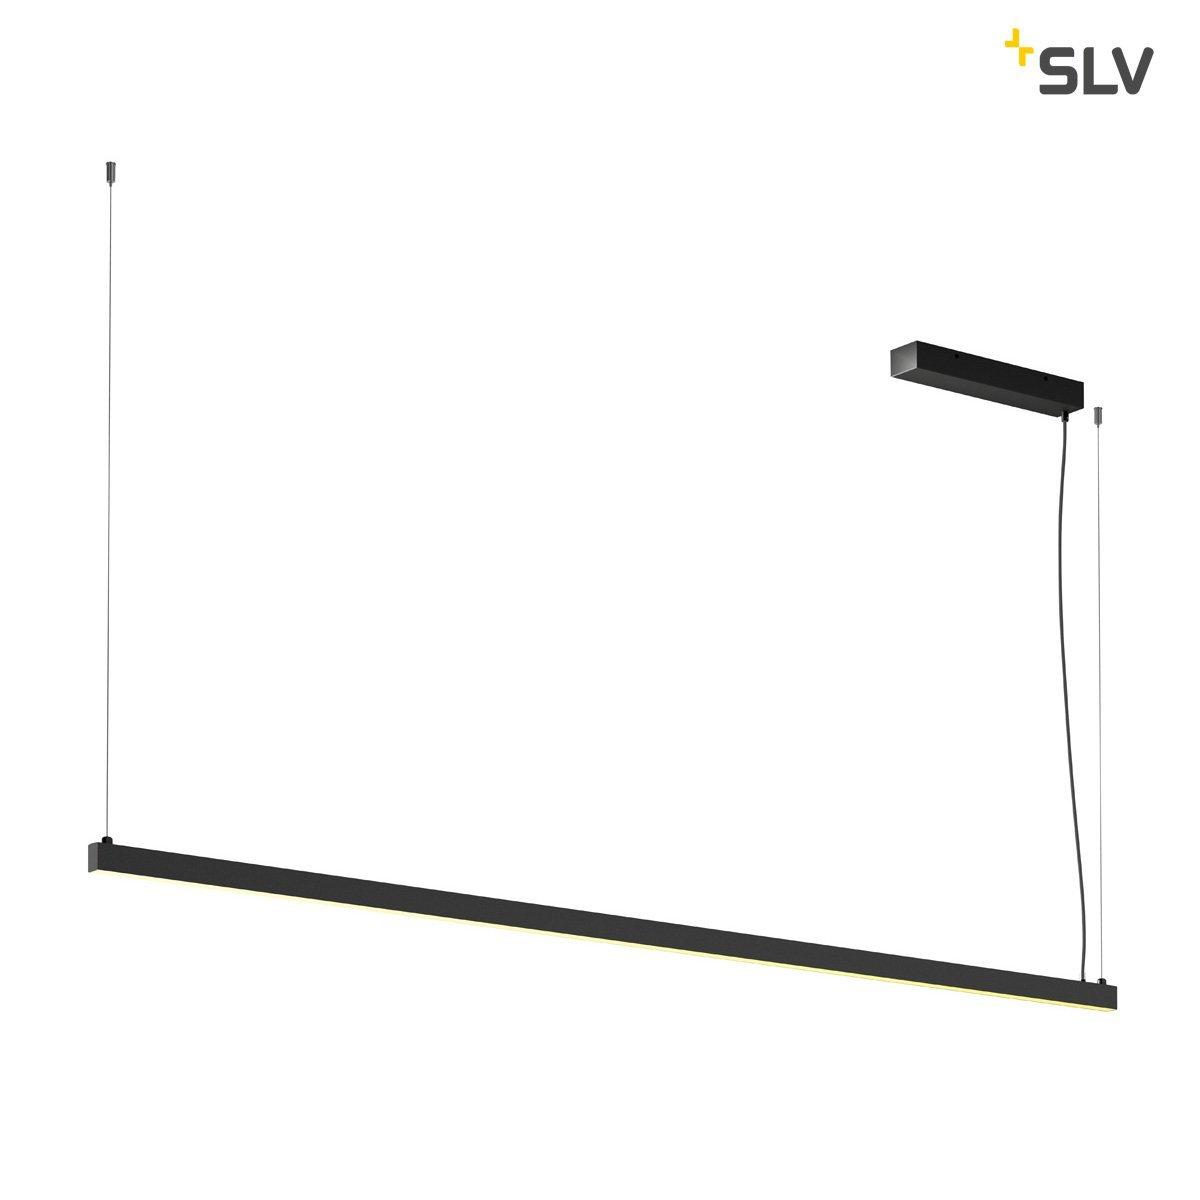 SLV - verlichting Hanglamp Arosa 200 SLV. 1001943